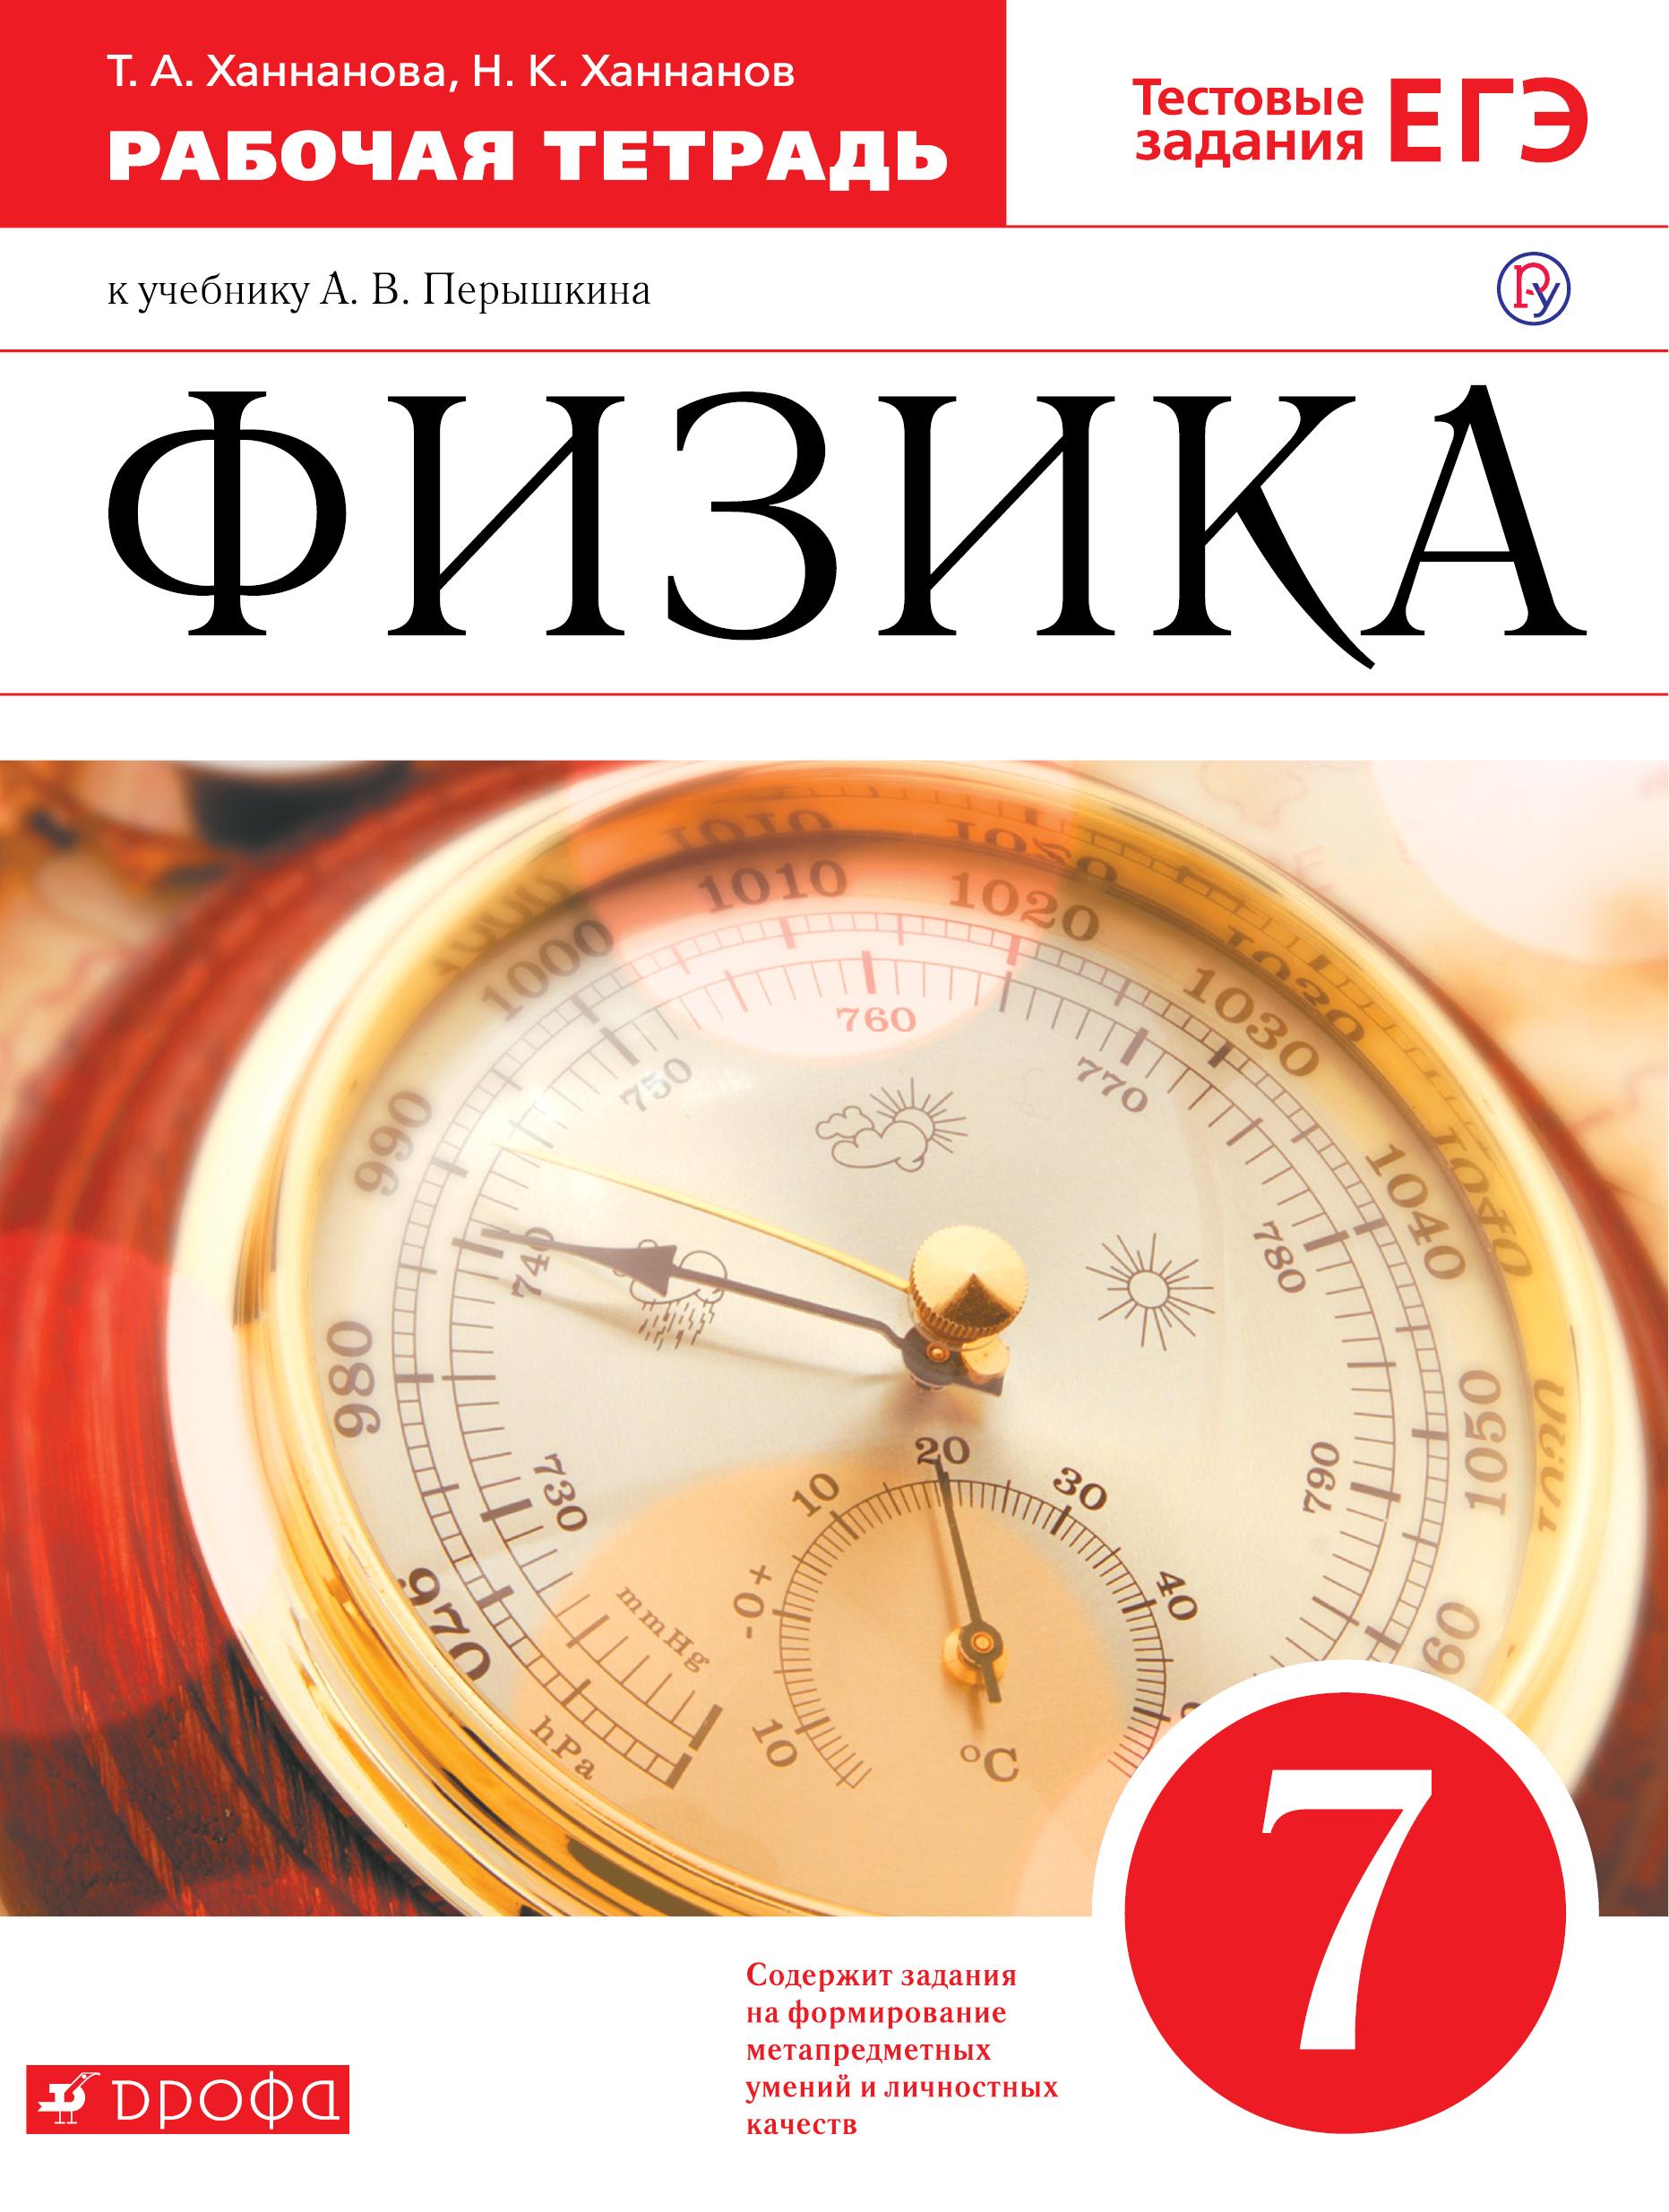 Ханнанов Н.К., Ханнанова Т.А. Физика. 7 класс. Рабочая тетрадь. н к ханнанов т а ханнанова физика 9 класс тесты